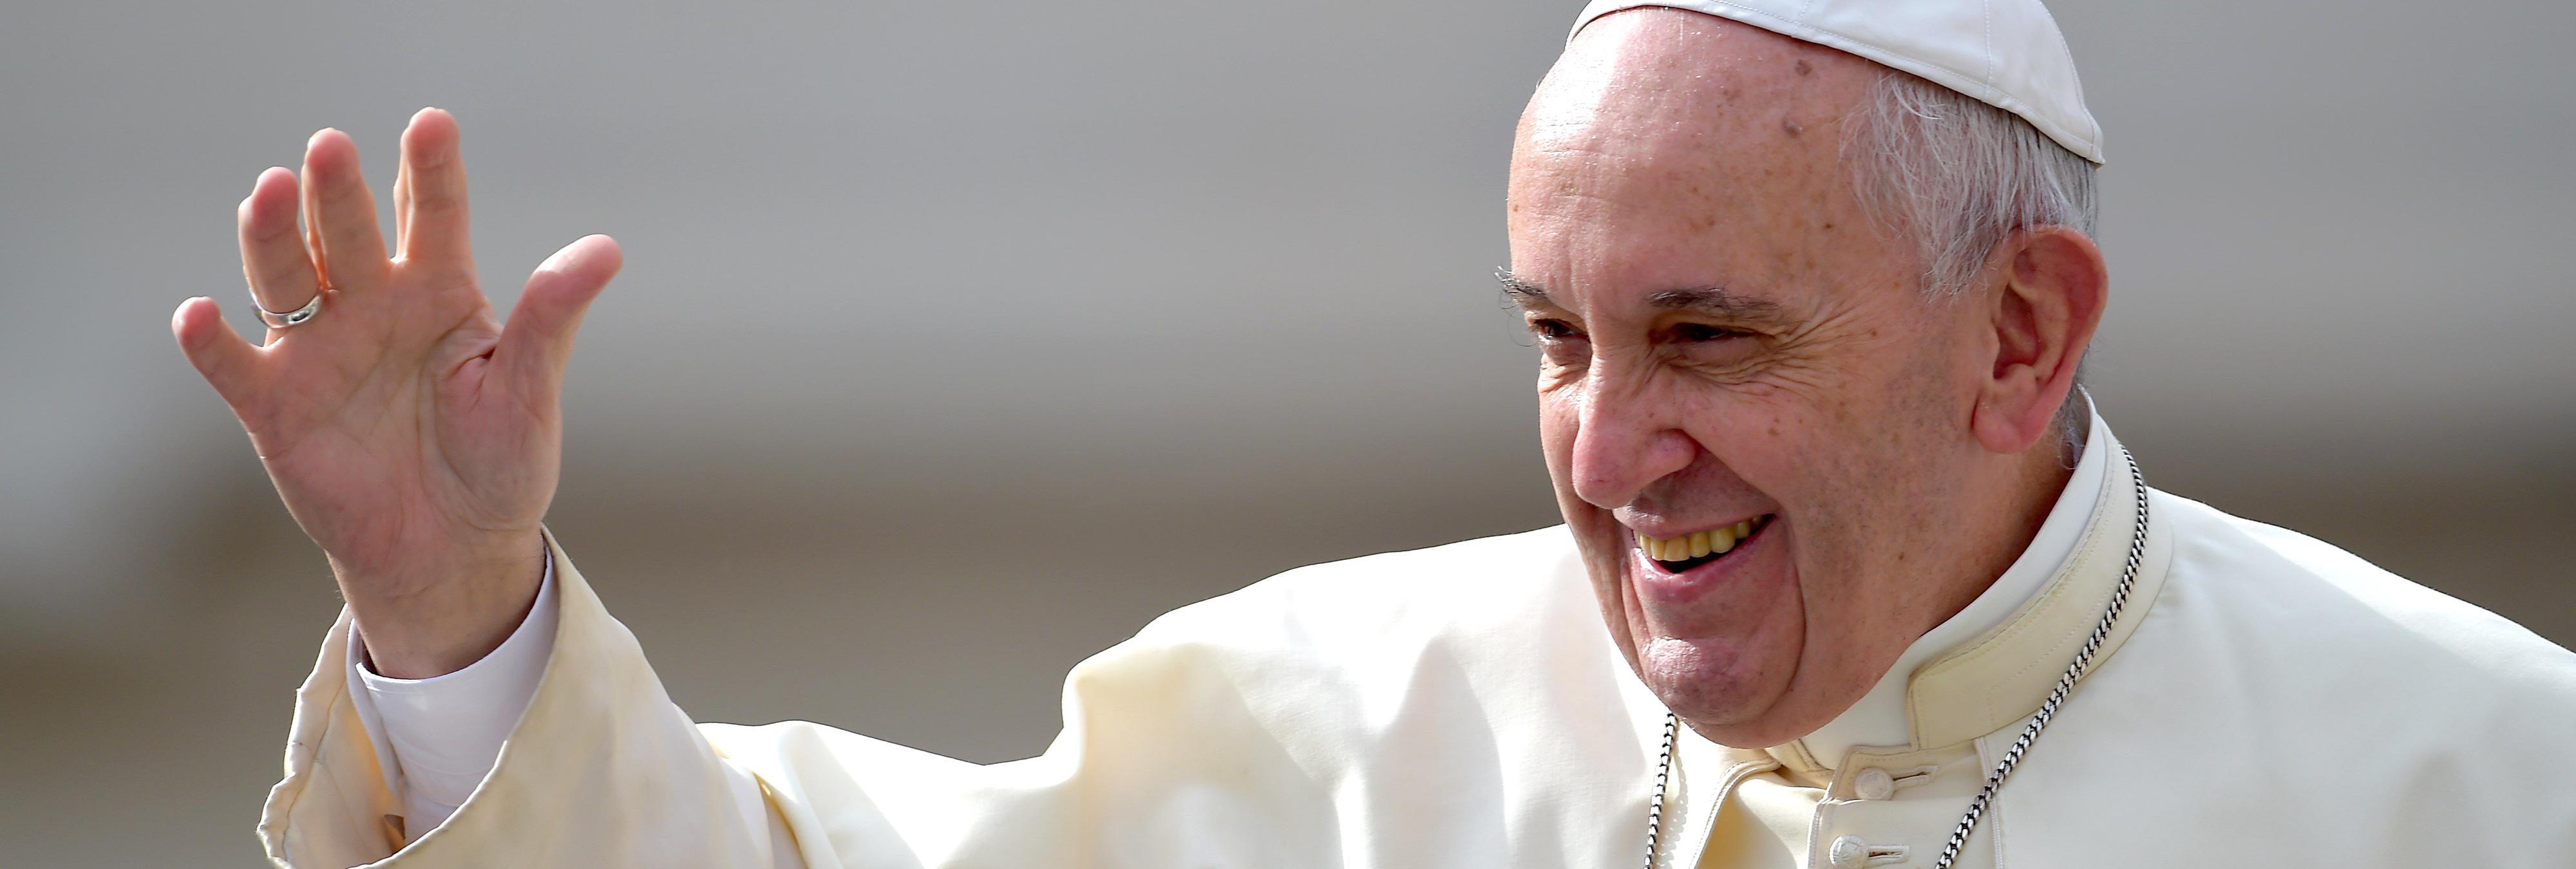 8 momentos en los que nuestra resaca se sintió identificada con el Instagram del Papa Francisco